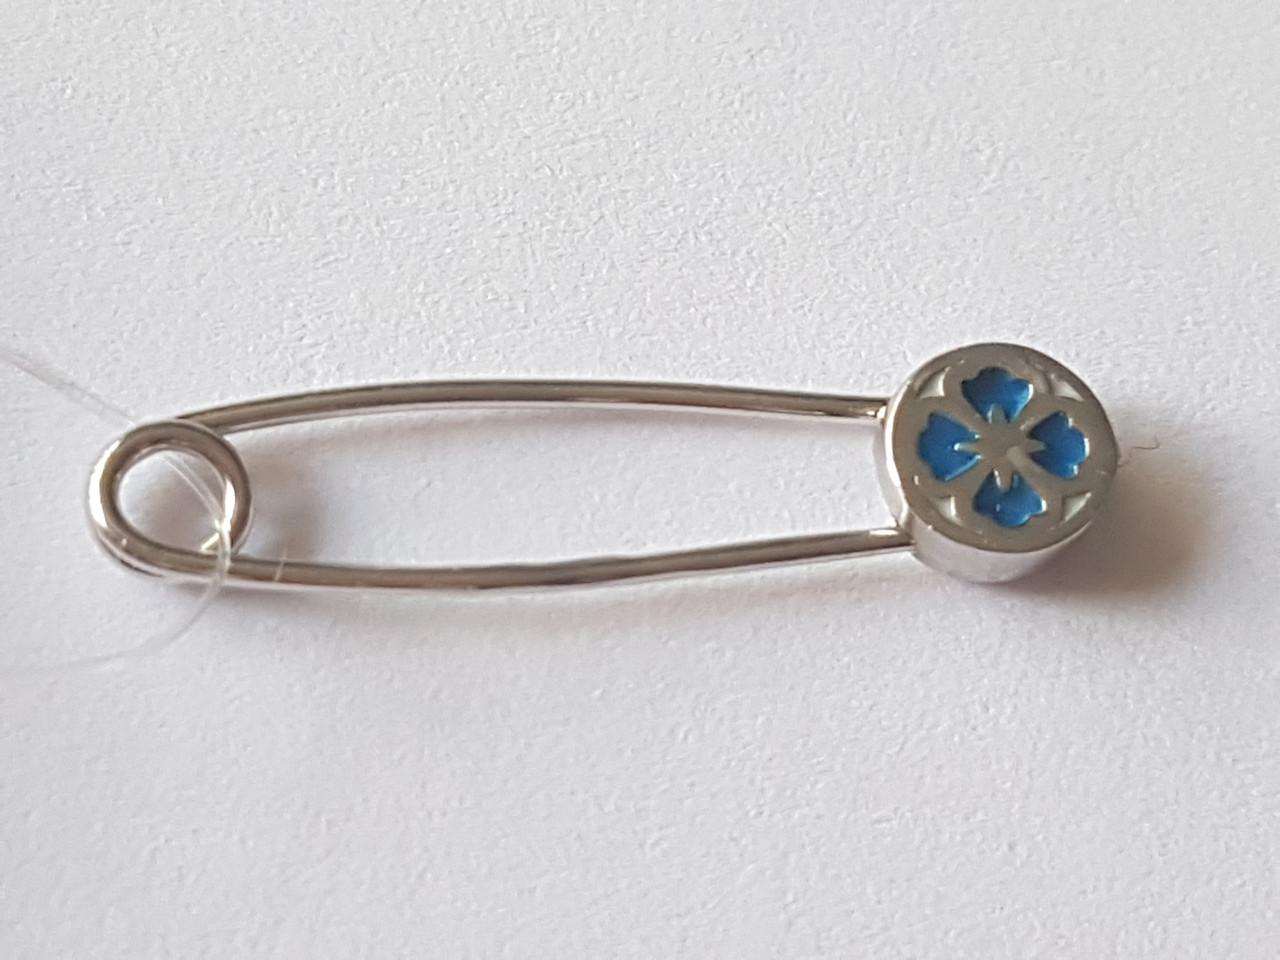 Серебряная брошь Цитрус с эмалью. Артикул 904-00631